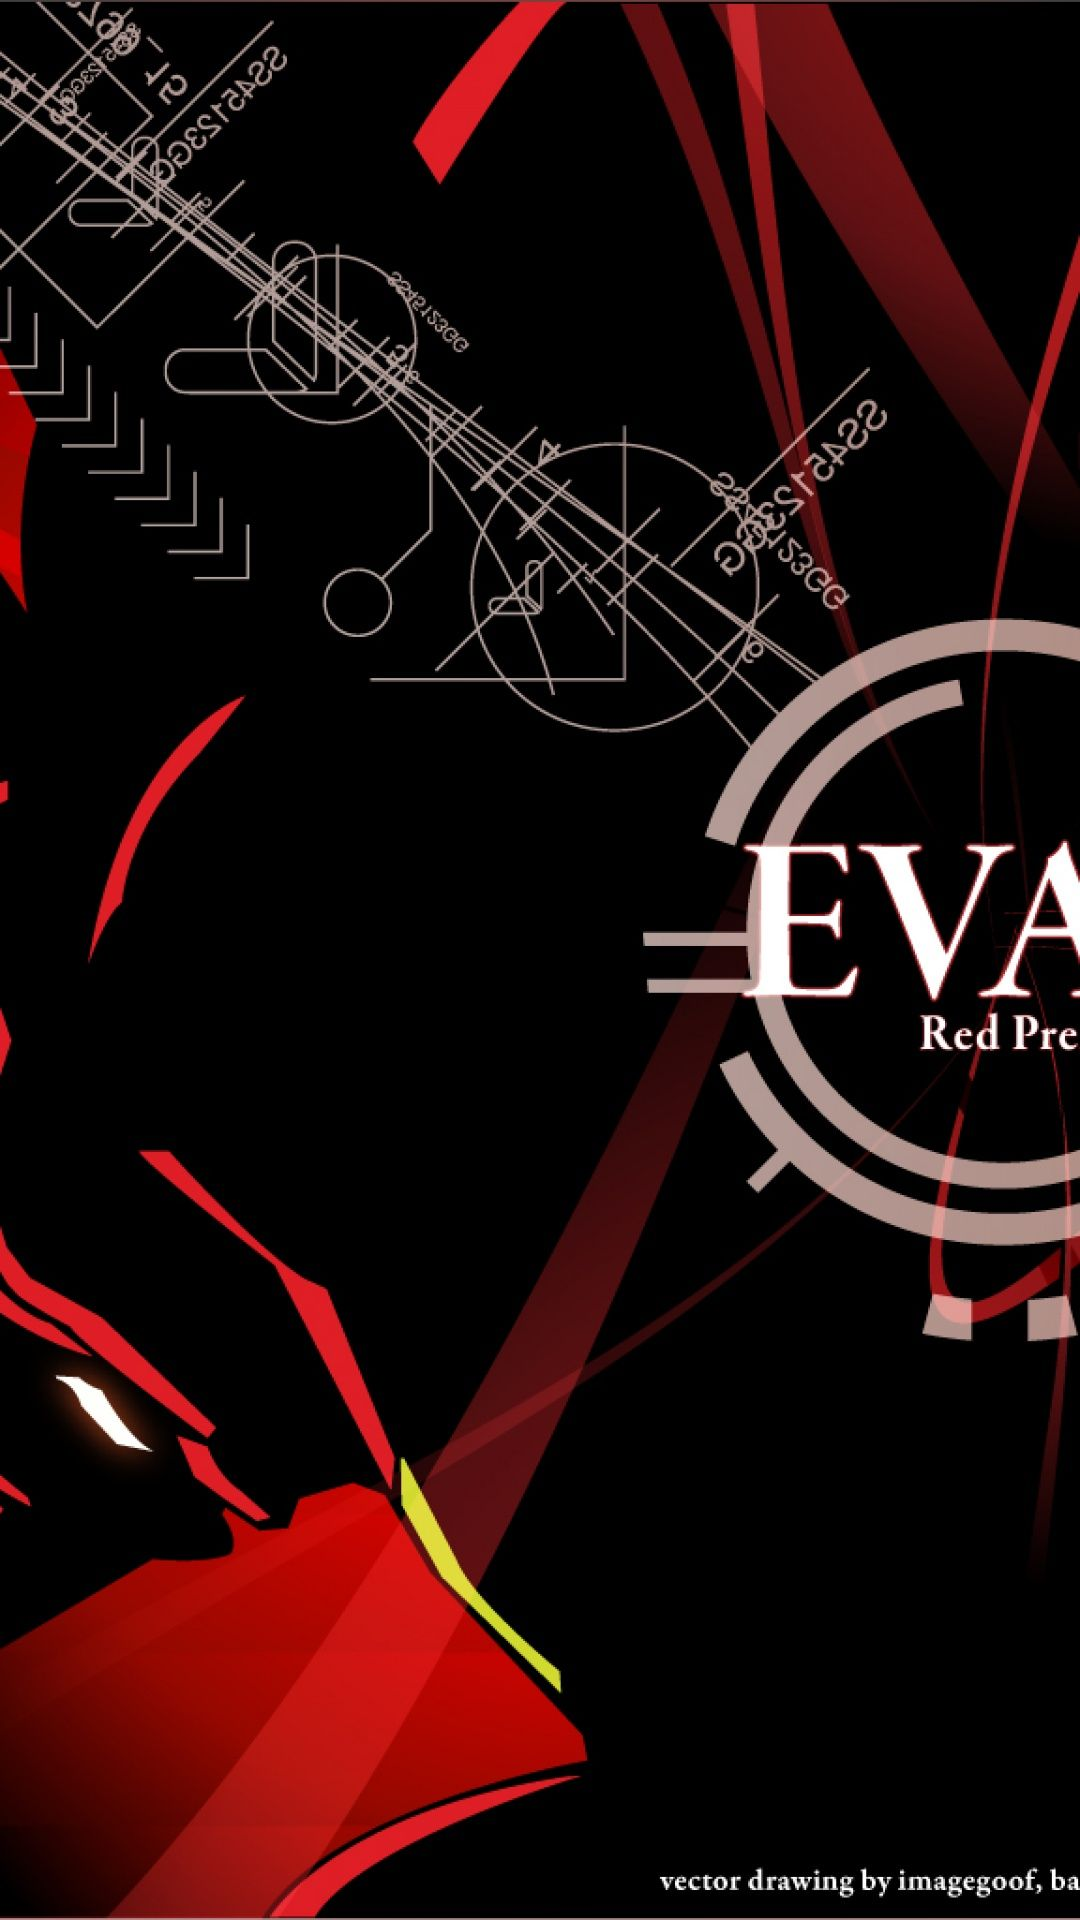 New Iphone Wallpaper Iphone Wallpaper Neon Genesis Evangelion Wallpaper Iphone Neon Evangelion